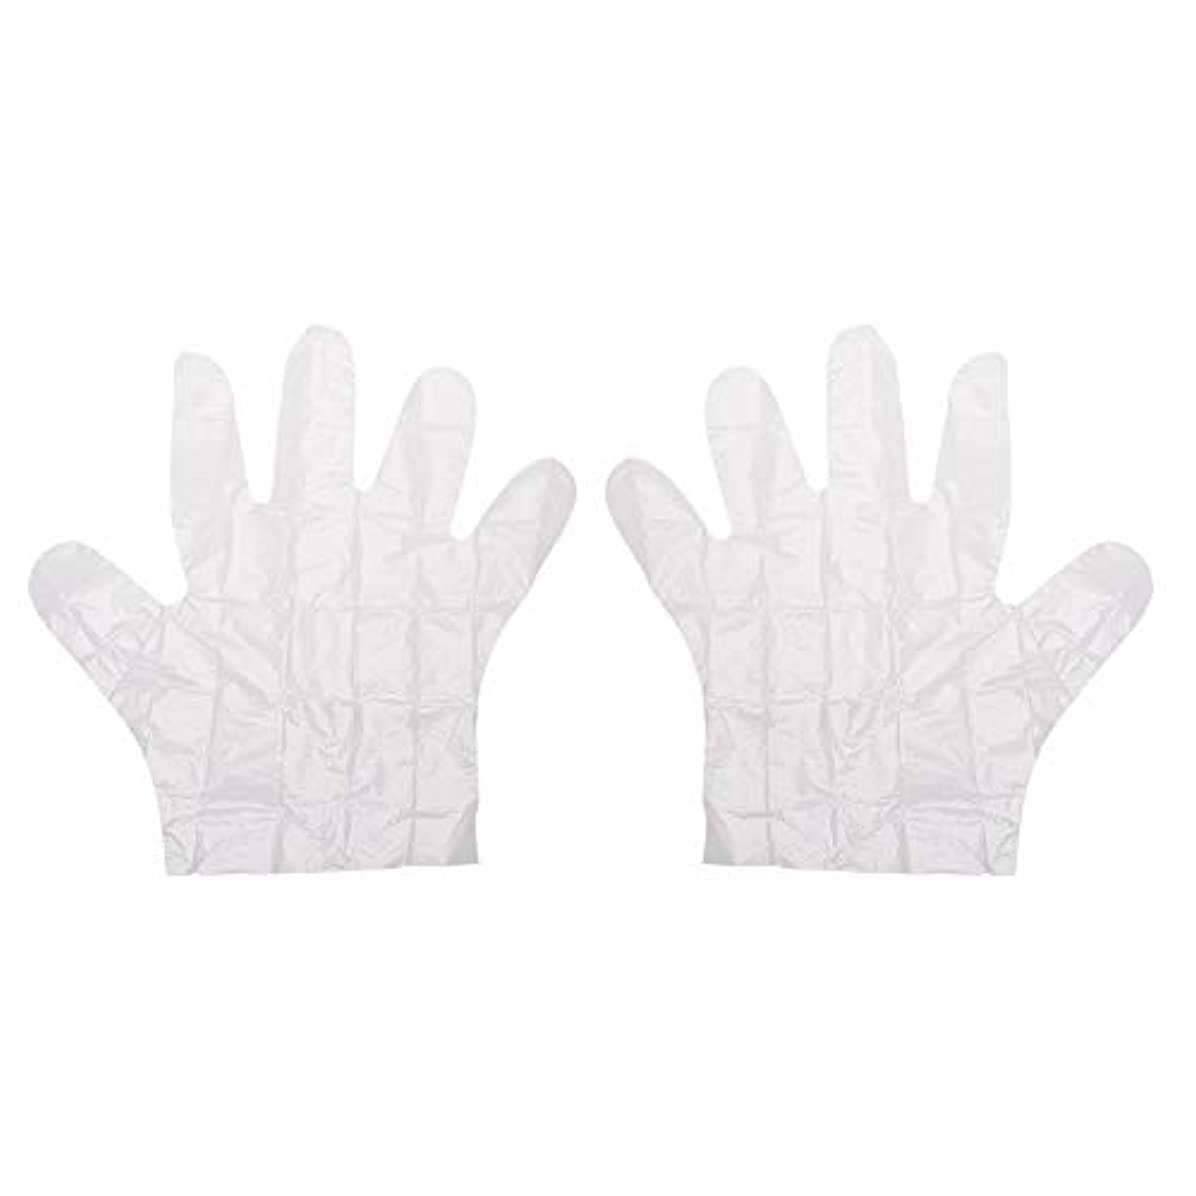 ペダル同性愛者不機嫌WISTOMJP 200枚 子供用手袋使い捨て 使い捨て手袋 キッズ専用透明 手袋